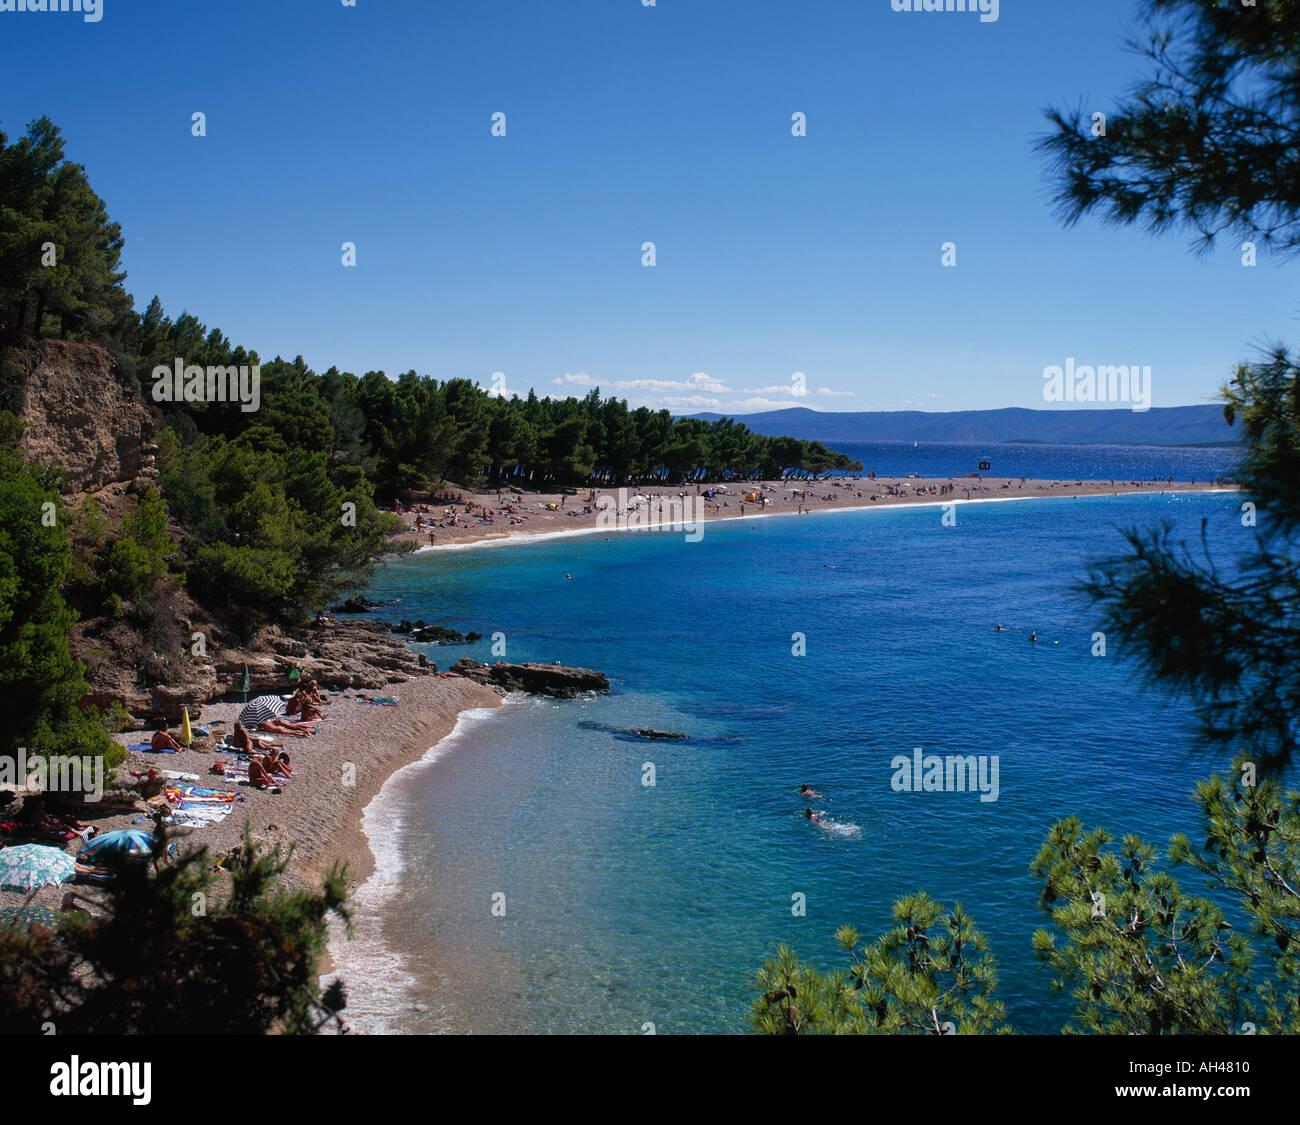 Plage du Cap d'or de l'île de Brac Bol Croatie Photo Stock